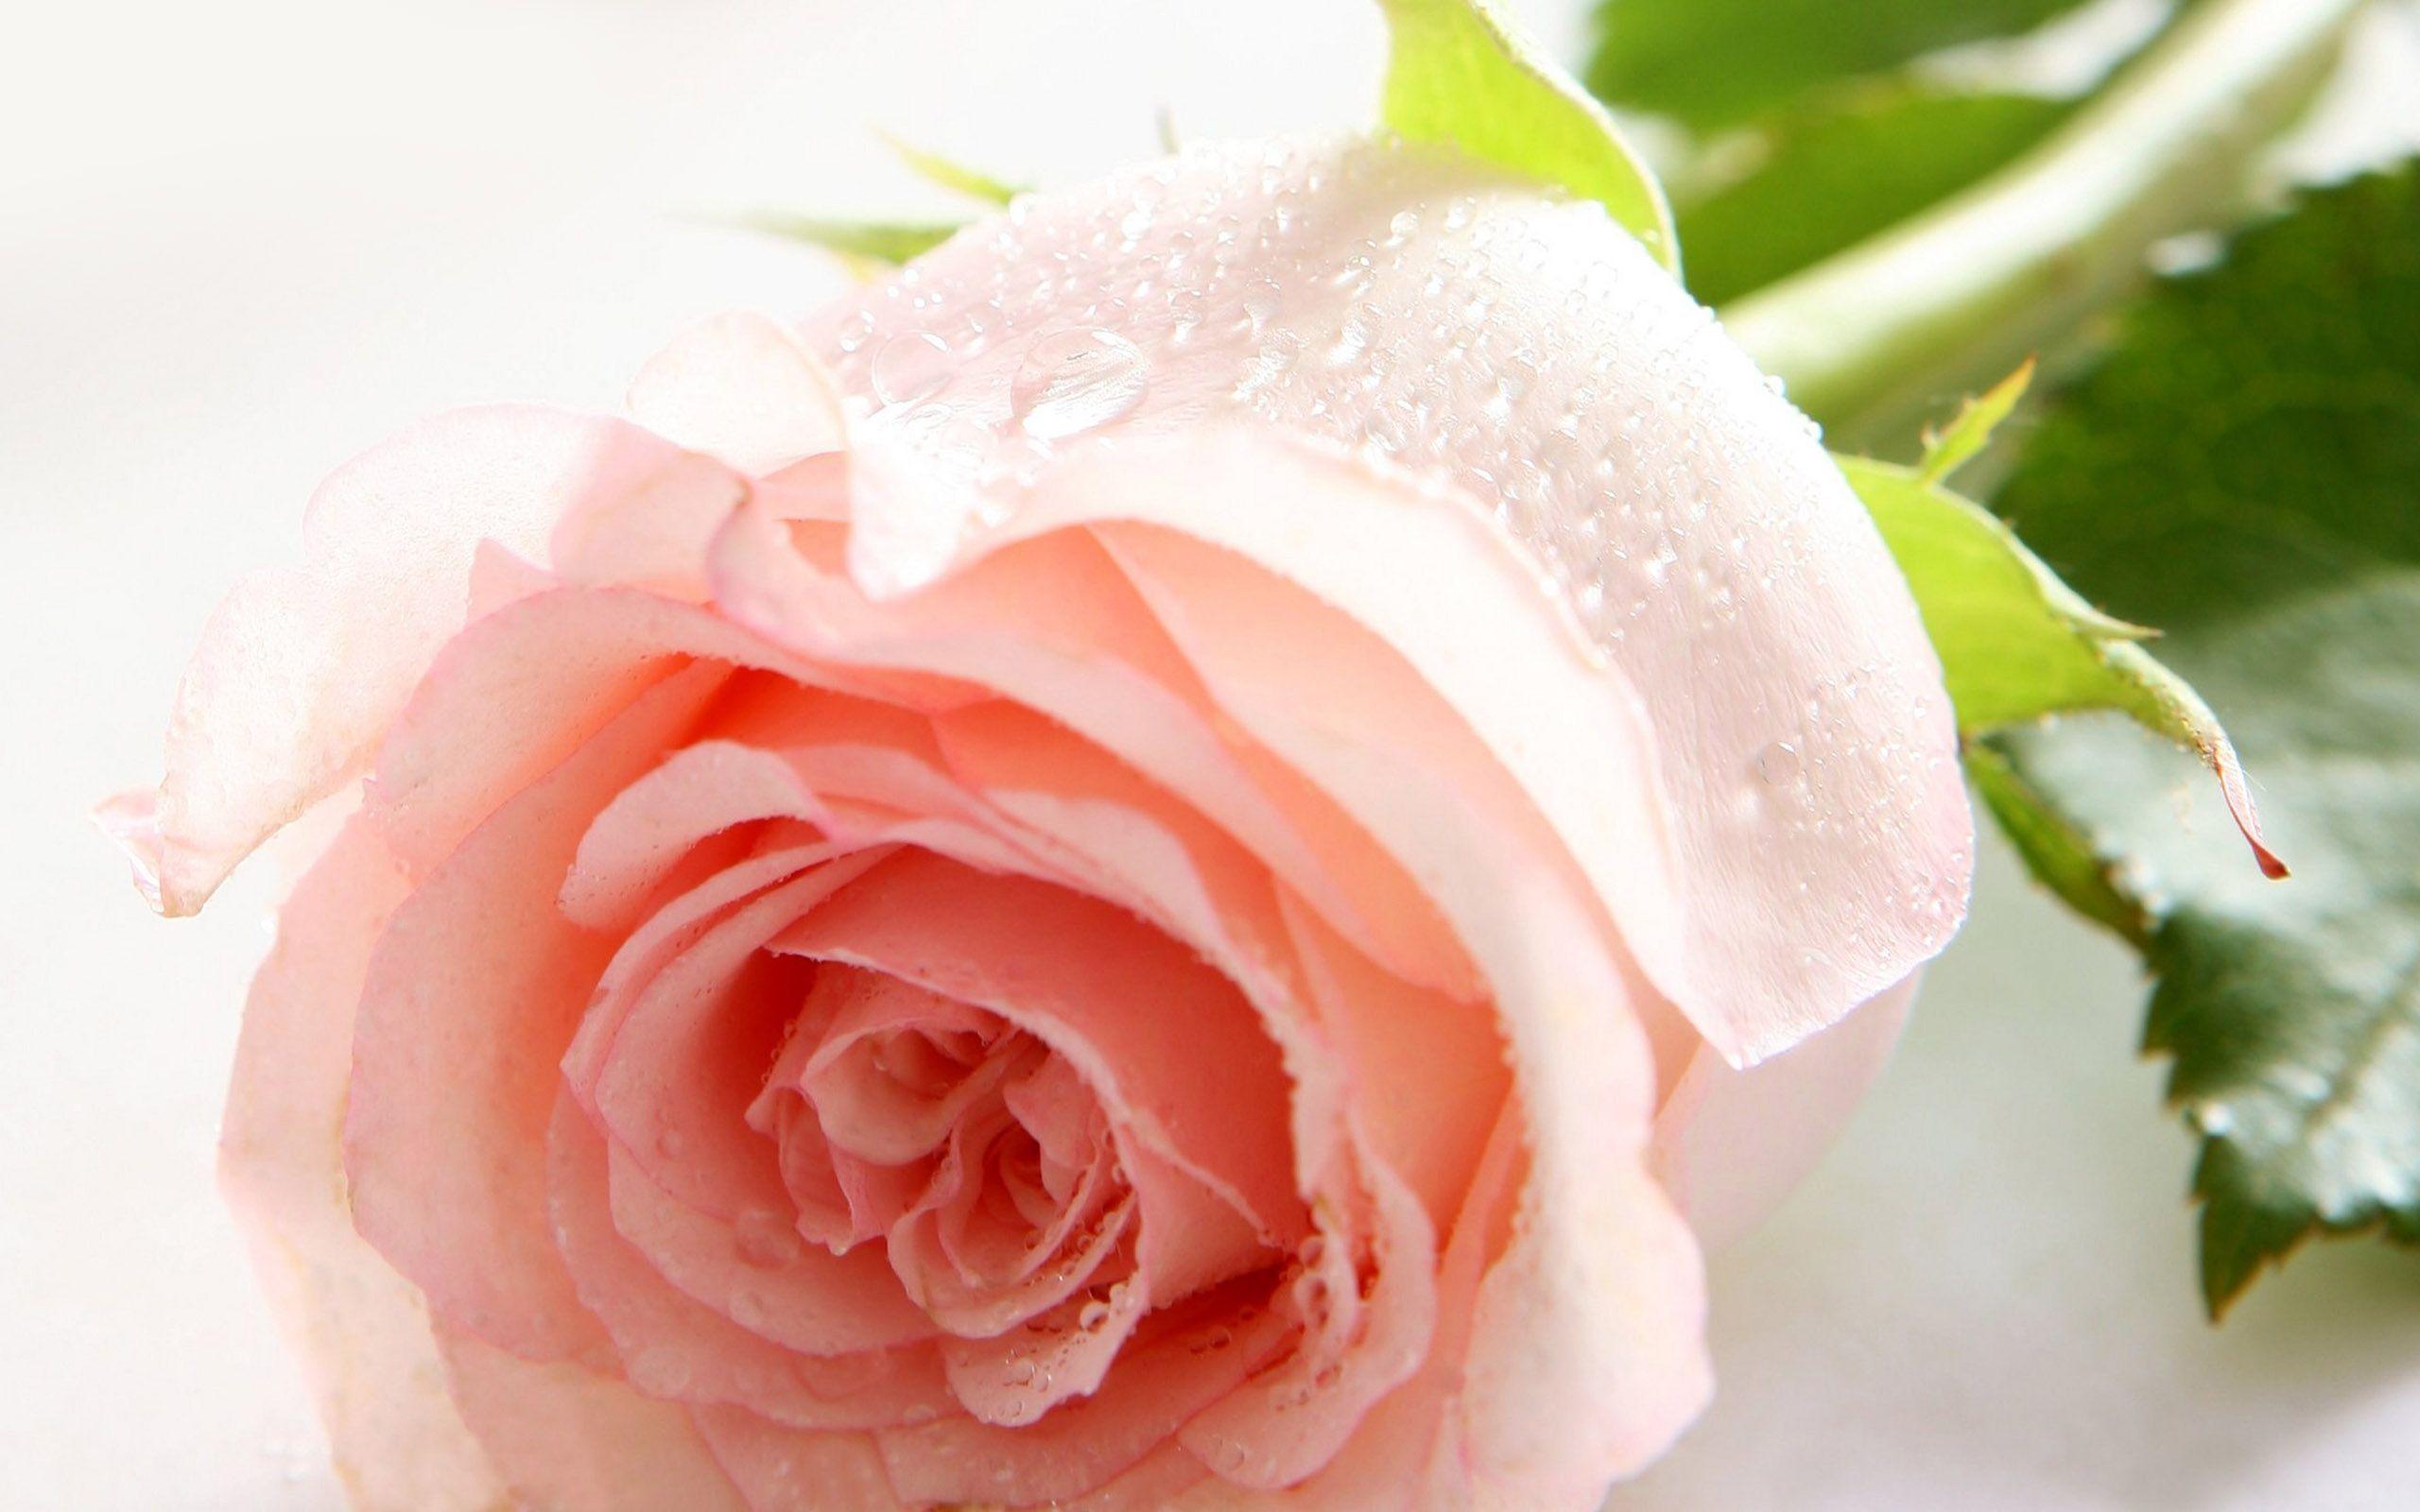 hình ảnh hoa hồng tình yêu